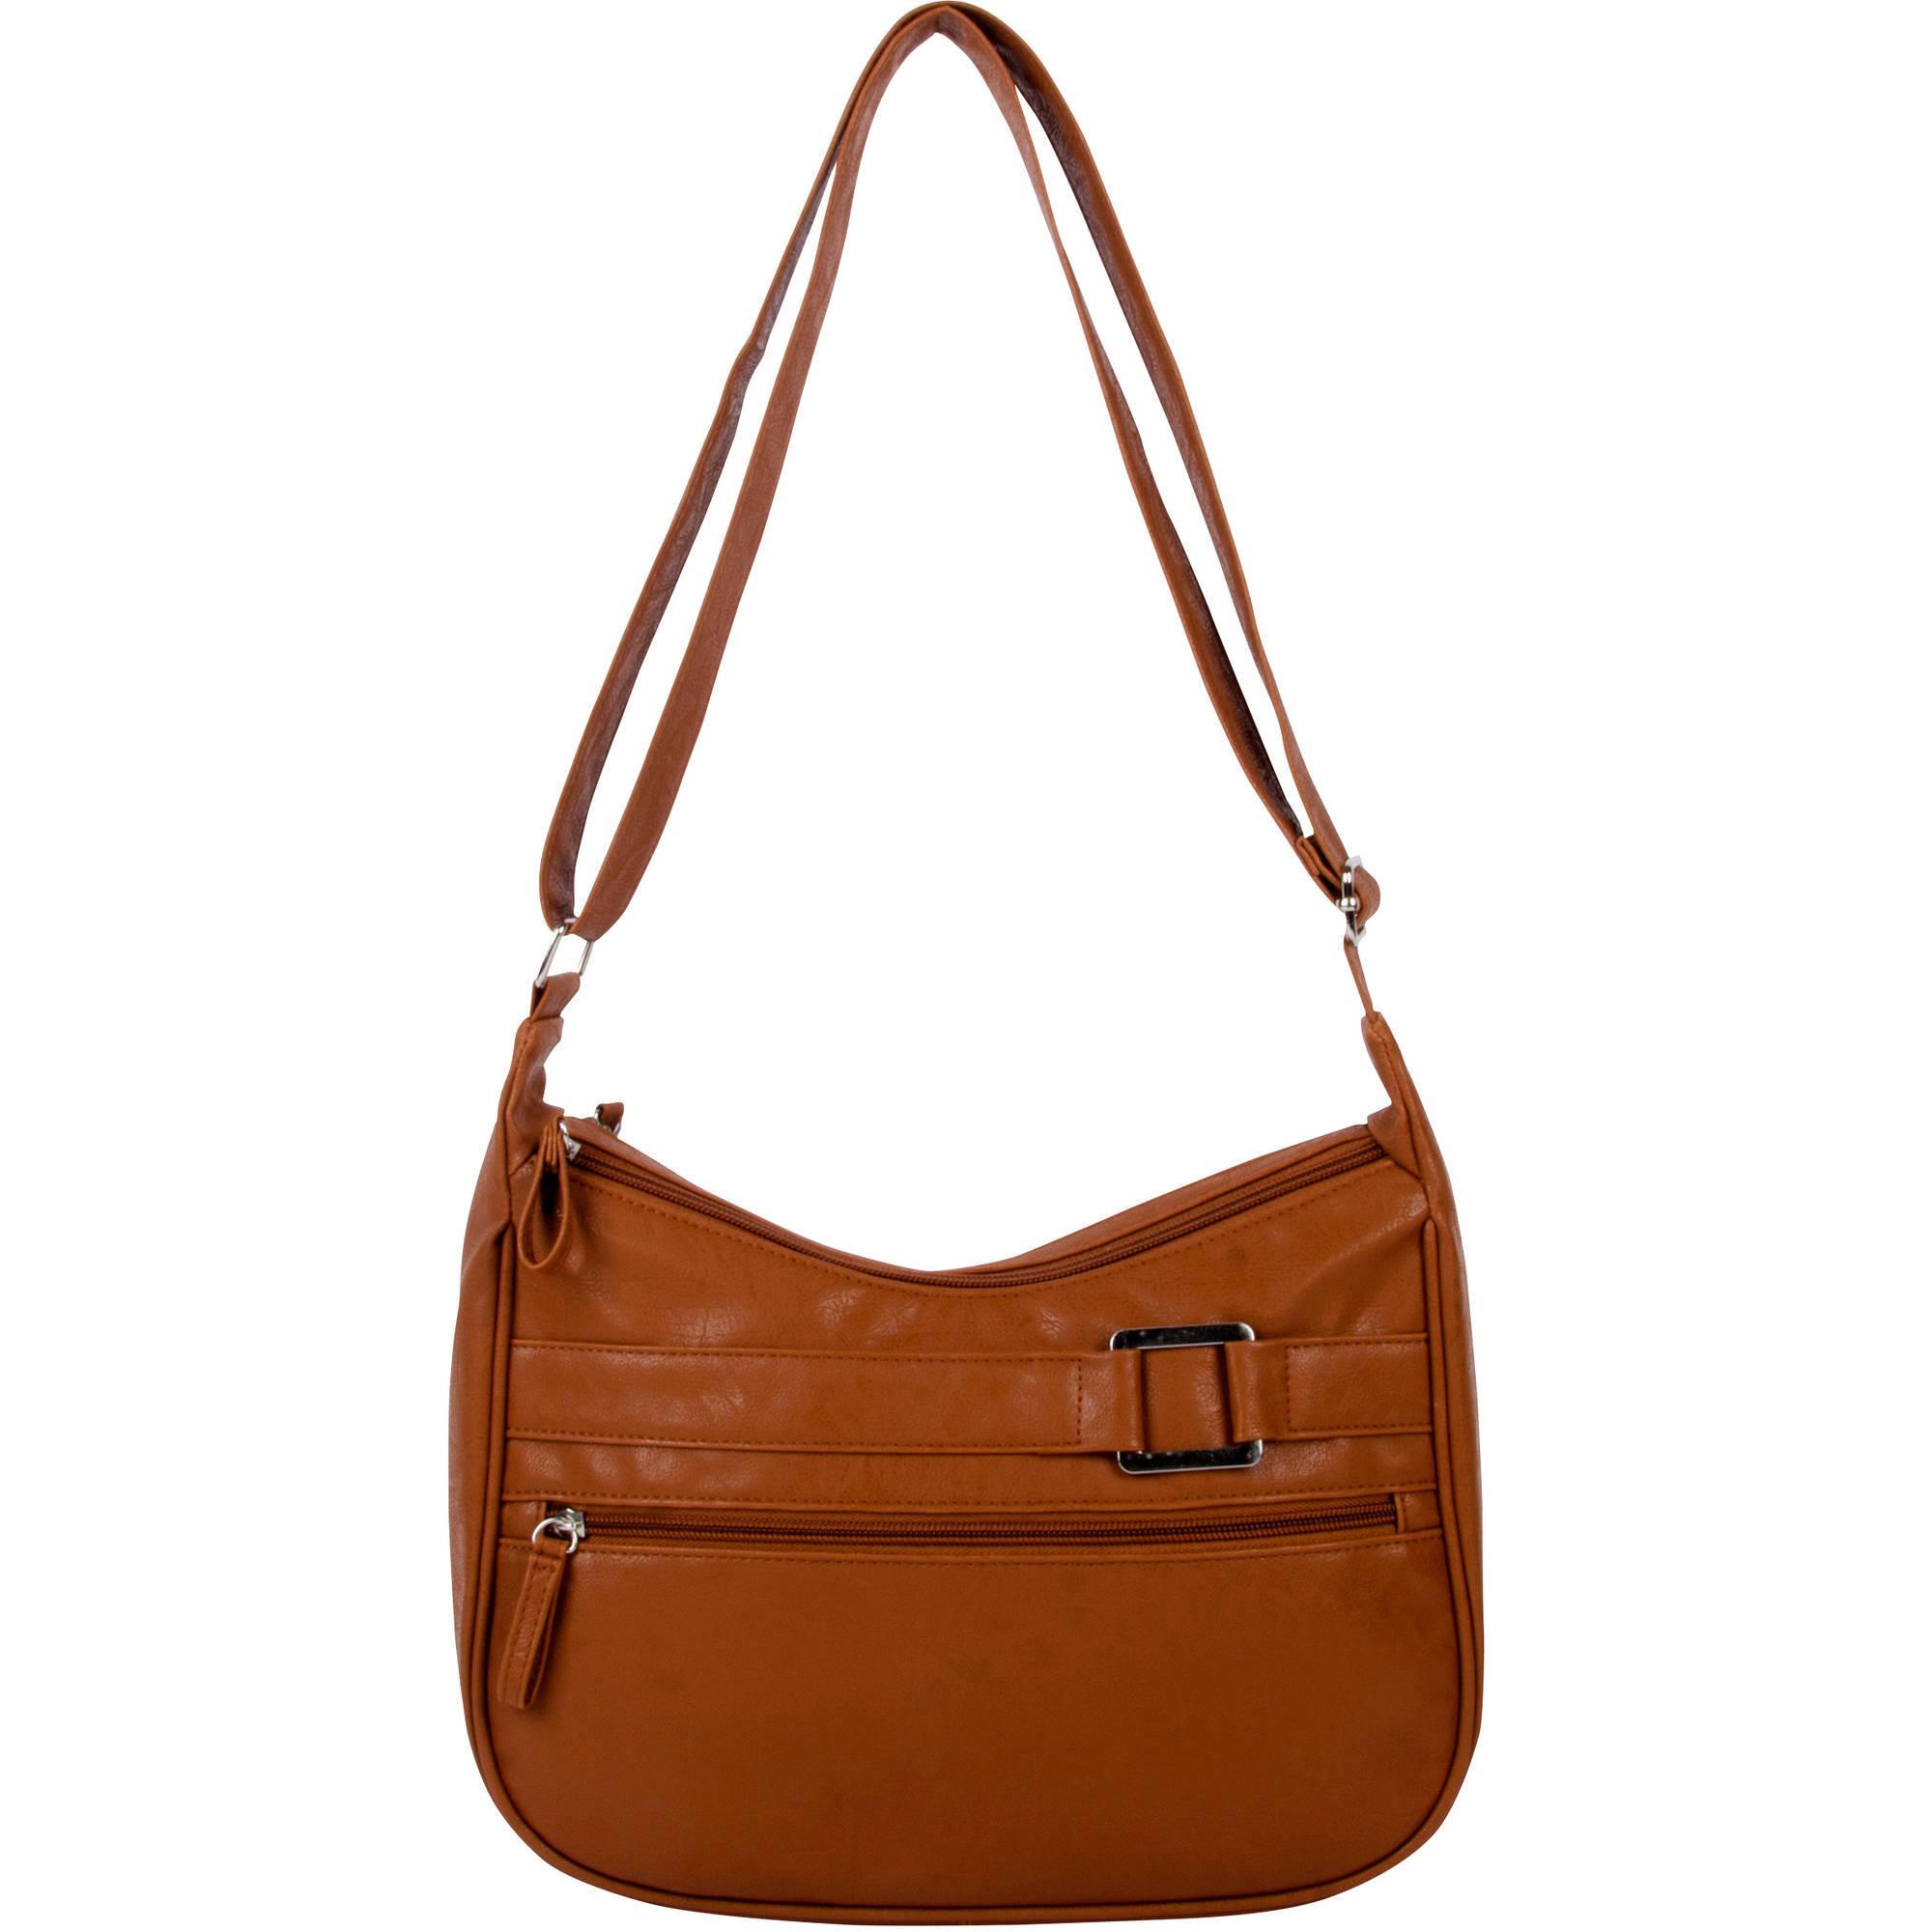 Women's Double Zip Hobo Handbag